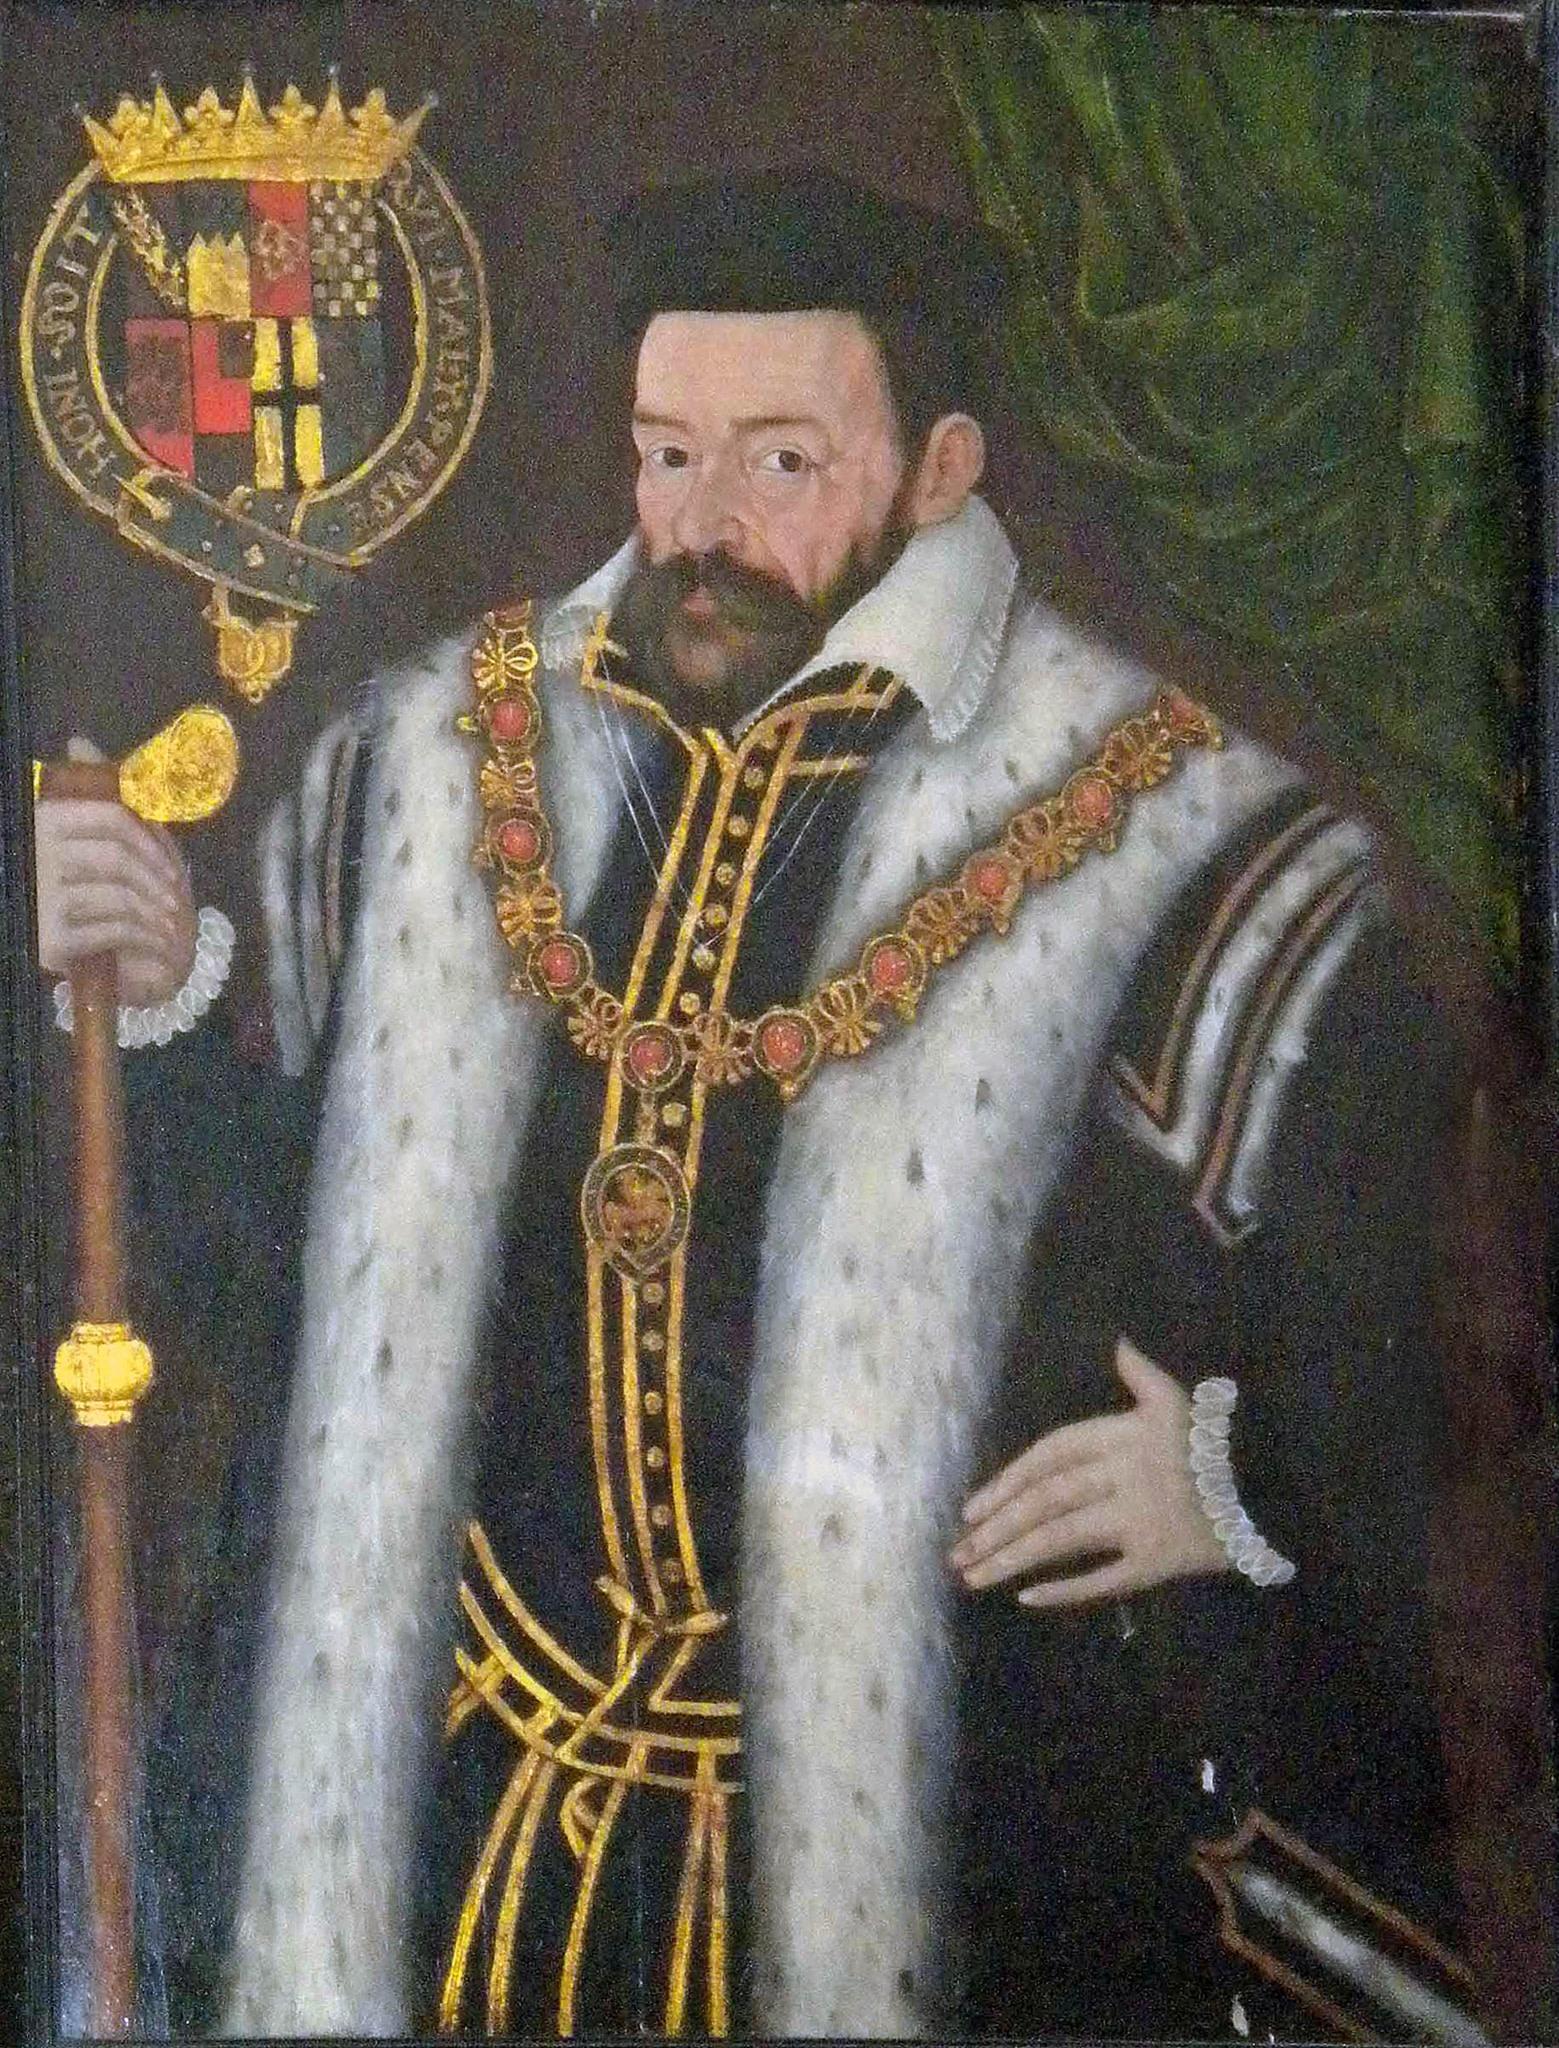 Edward Stanley, 3rd Earl of Derby